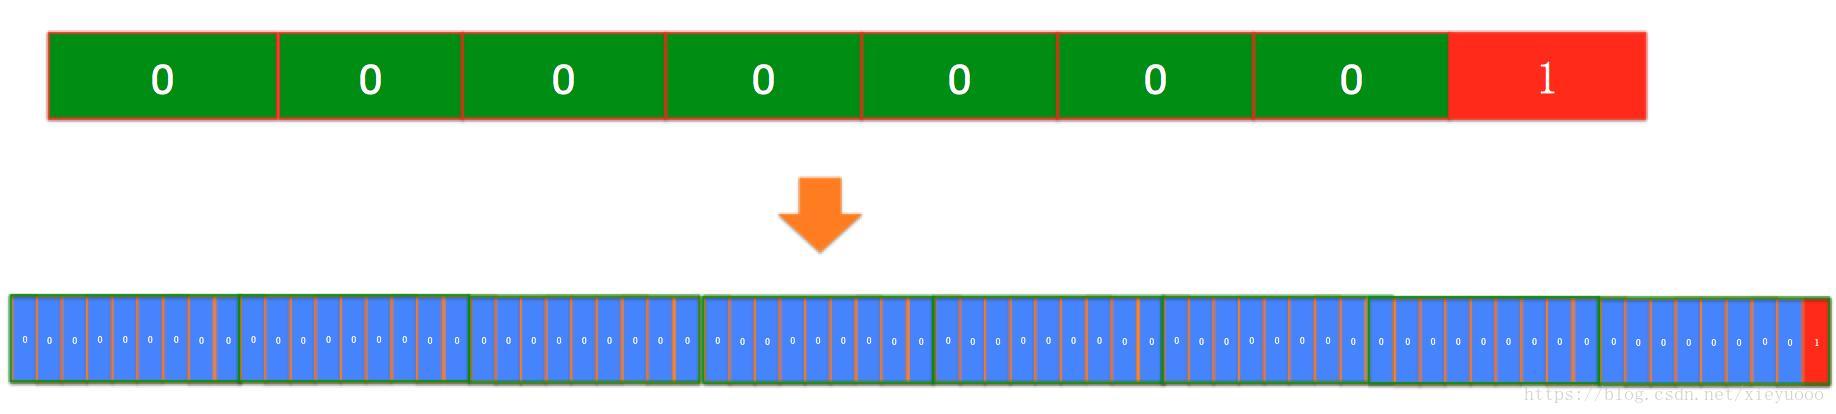 常见Serialize技术探秘(XML、JSON、JDBC byte编码、Protobuf)